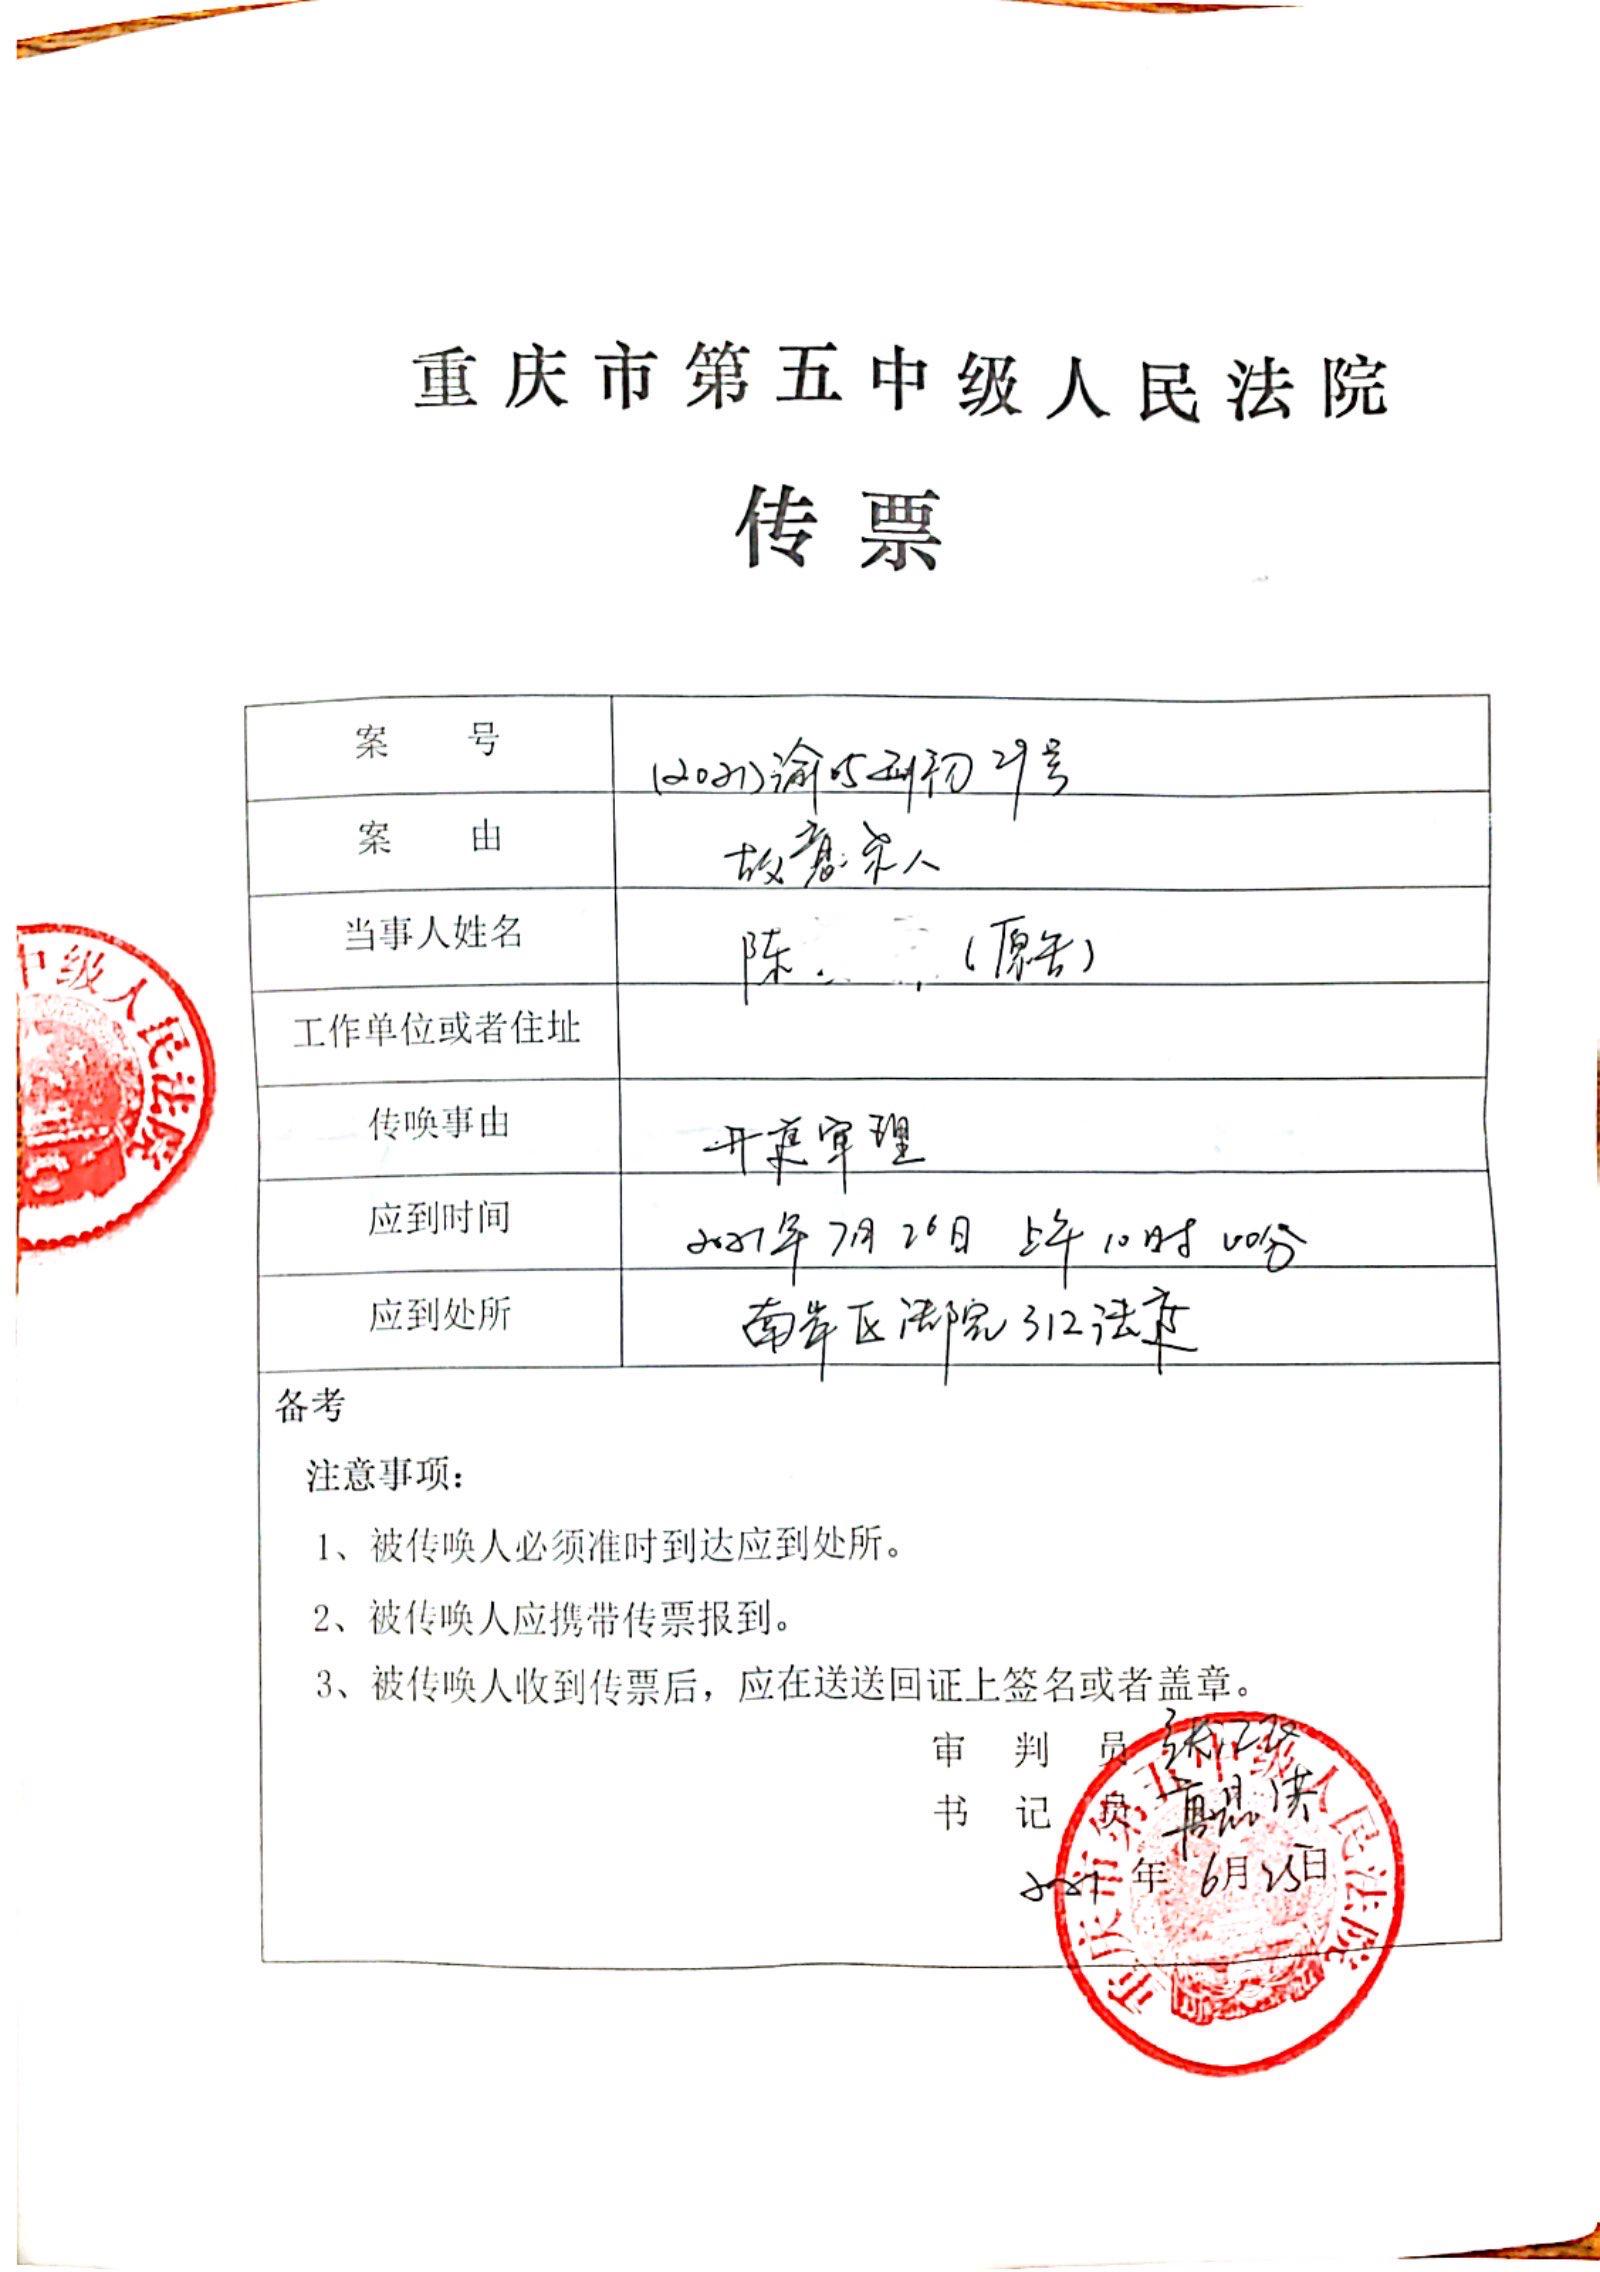 重庆市五中院传票显示,该院将于本月26日审理张某、叶某尘故意杀人案。 受访者供图